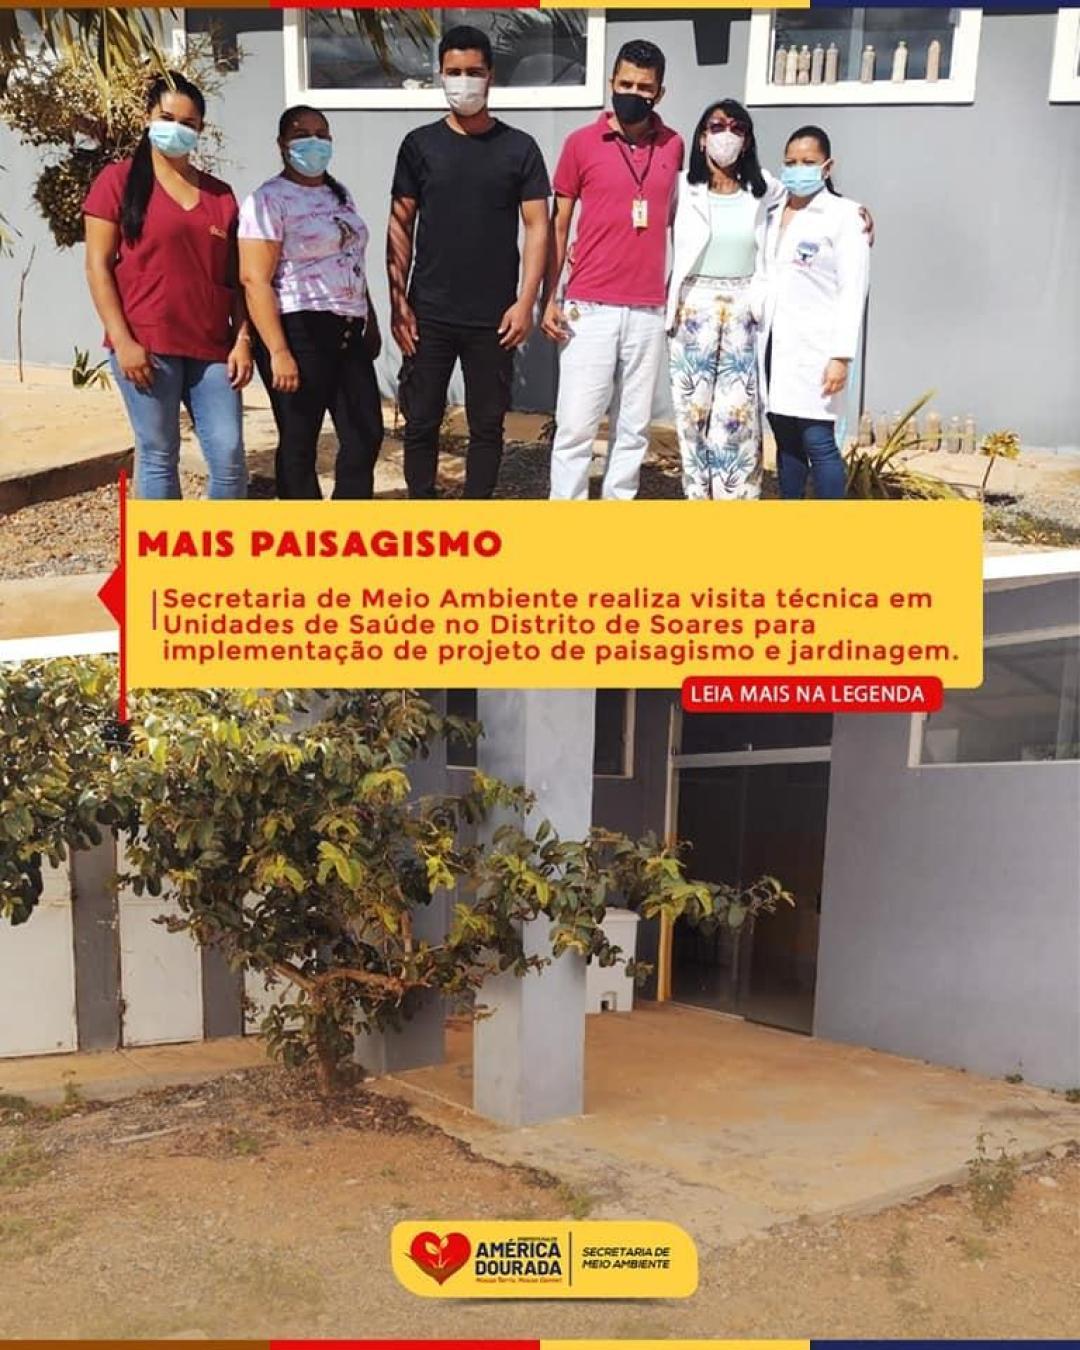 A Prefeitura de América Dourada por meio da Secretaria de Meio Ambiente realiza visita técnica nas Unidades de Saúde do Distrito de Soares para viabilizar projeto de paisagismo e jardinagem.